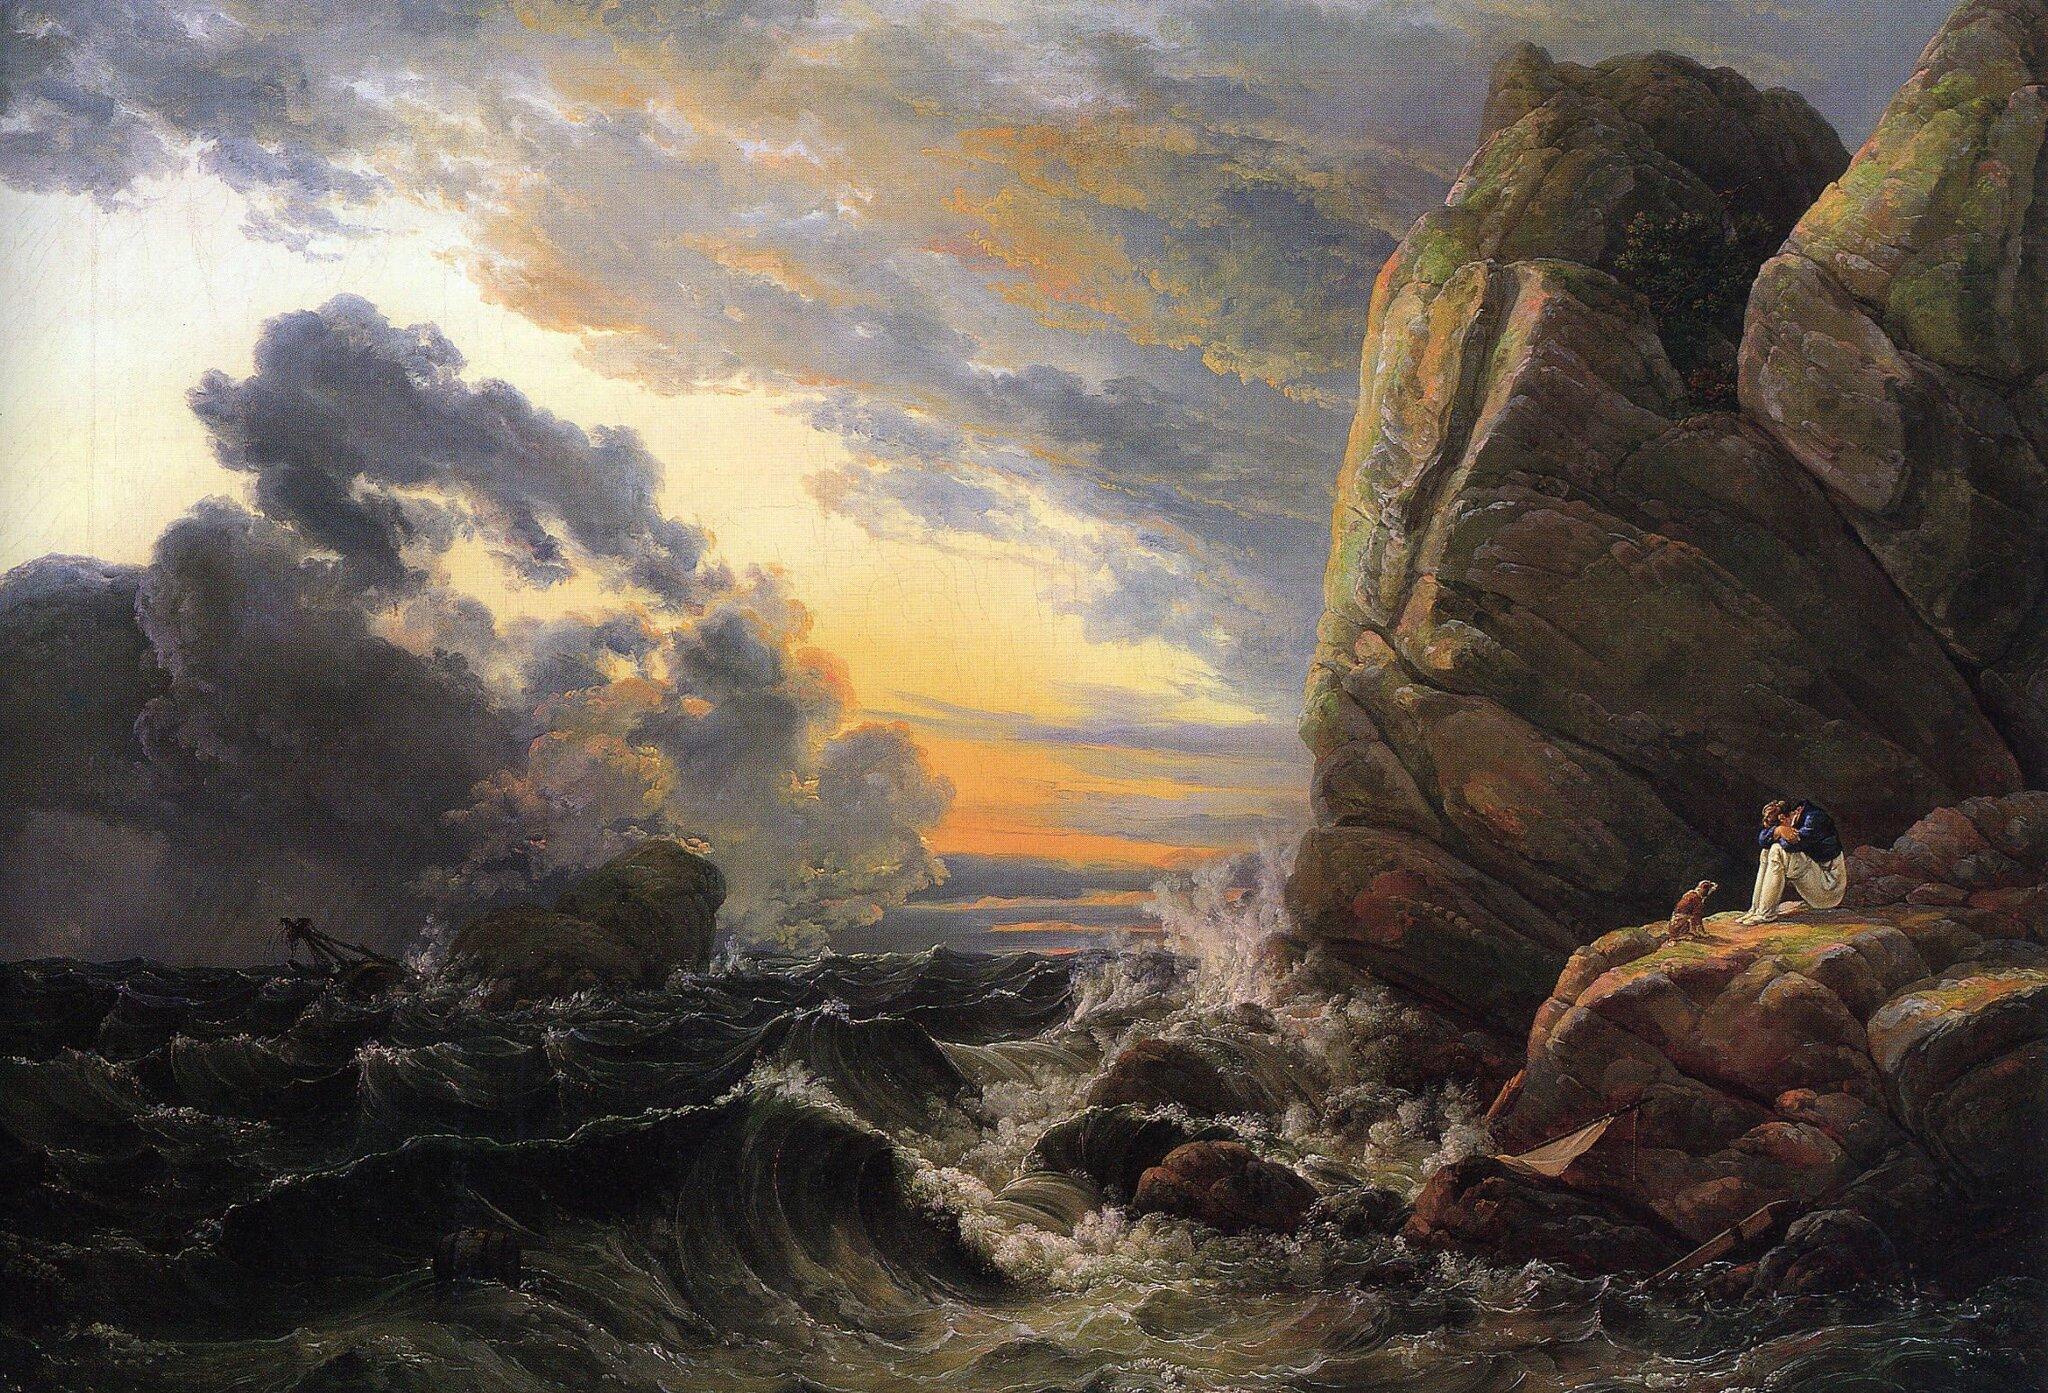 Poranek po nocnej burzy Źródło: Johan Christian Dahl, Poranek po nocnej burzy, 1819, olej na płótnie, Neue Pinakothek, Monachium, domena publiczna.